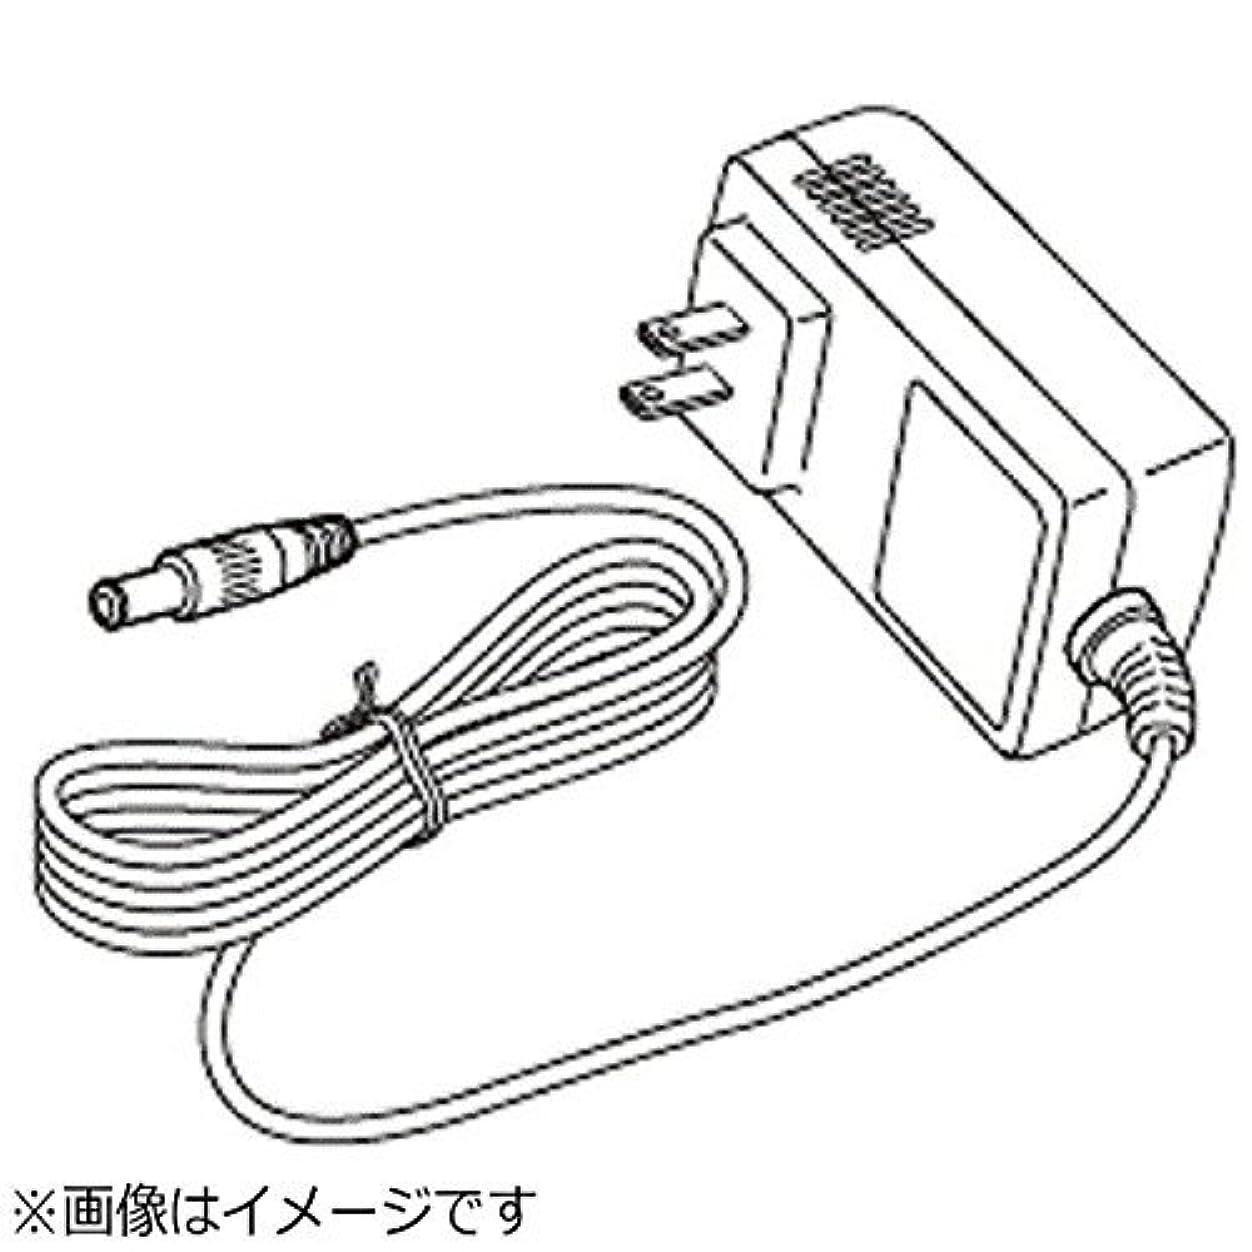 展示会ジョグ無礼にオムロン マッサージャ専用 ACアダプタOMRON HM-141-AC2